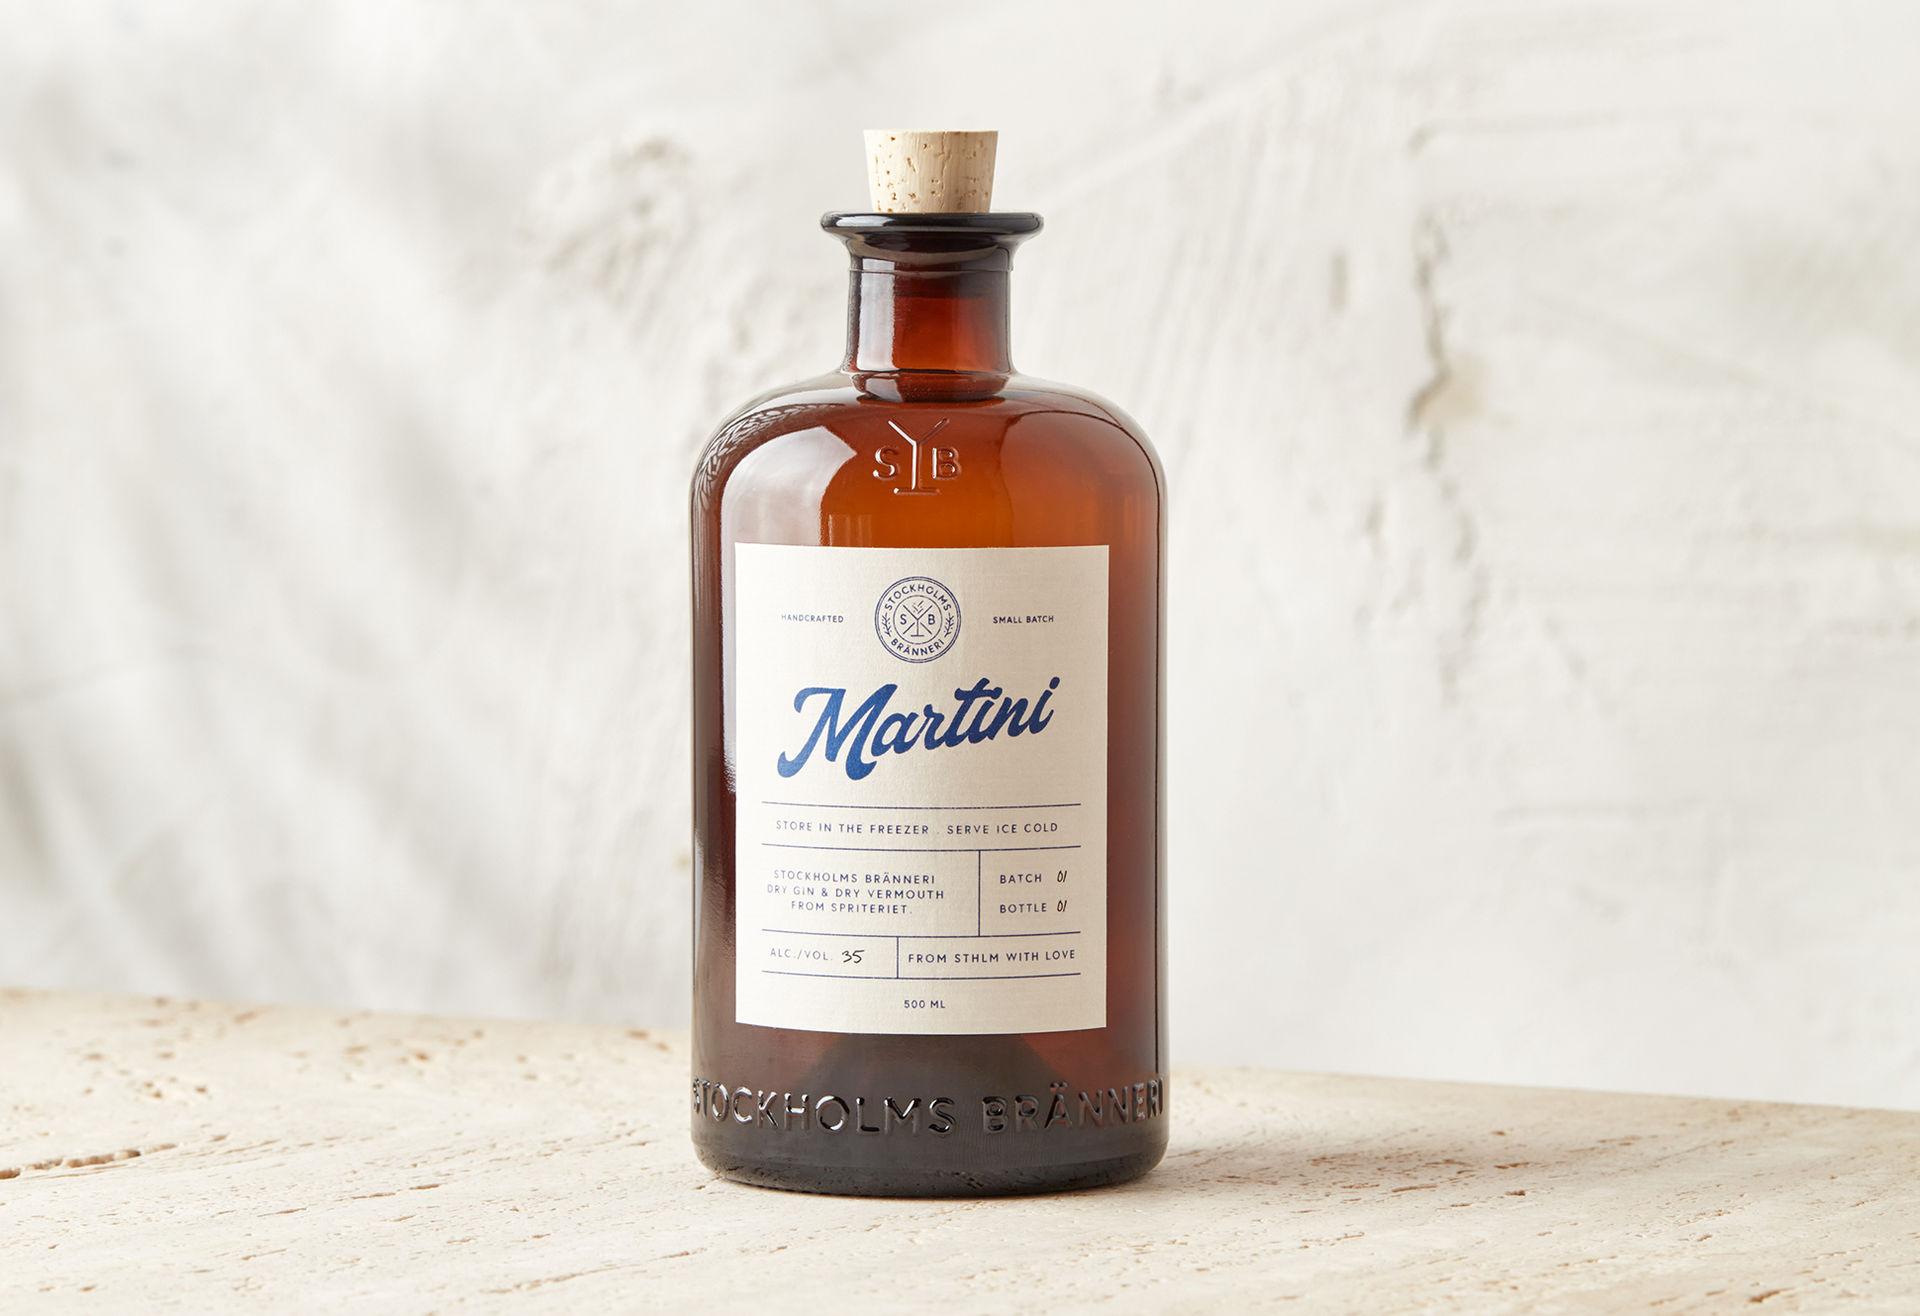 Stockholms Bränneri släpper färdig Dry Martini